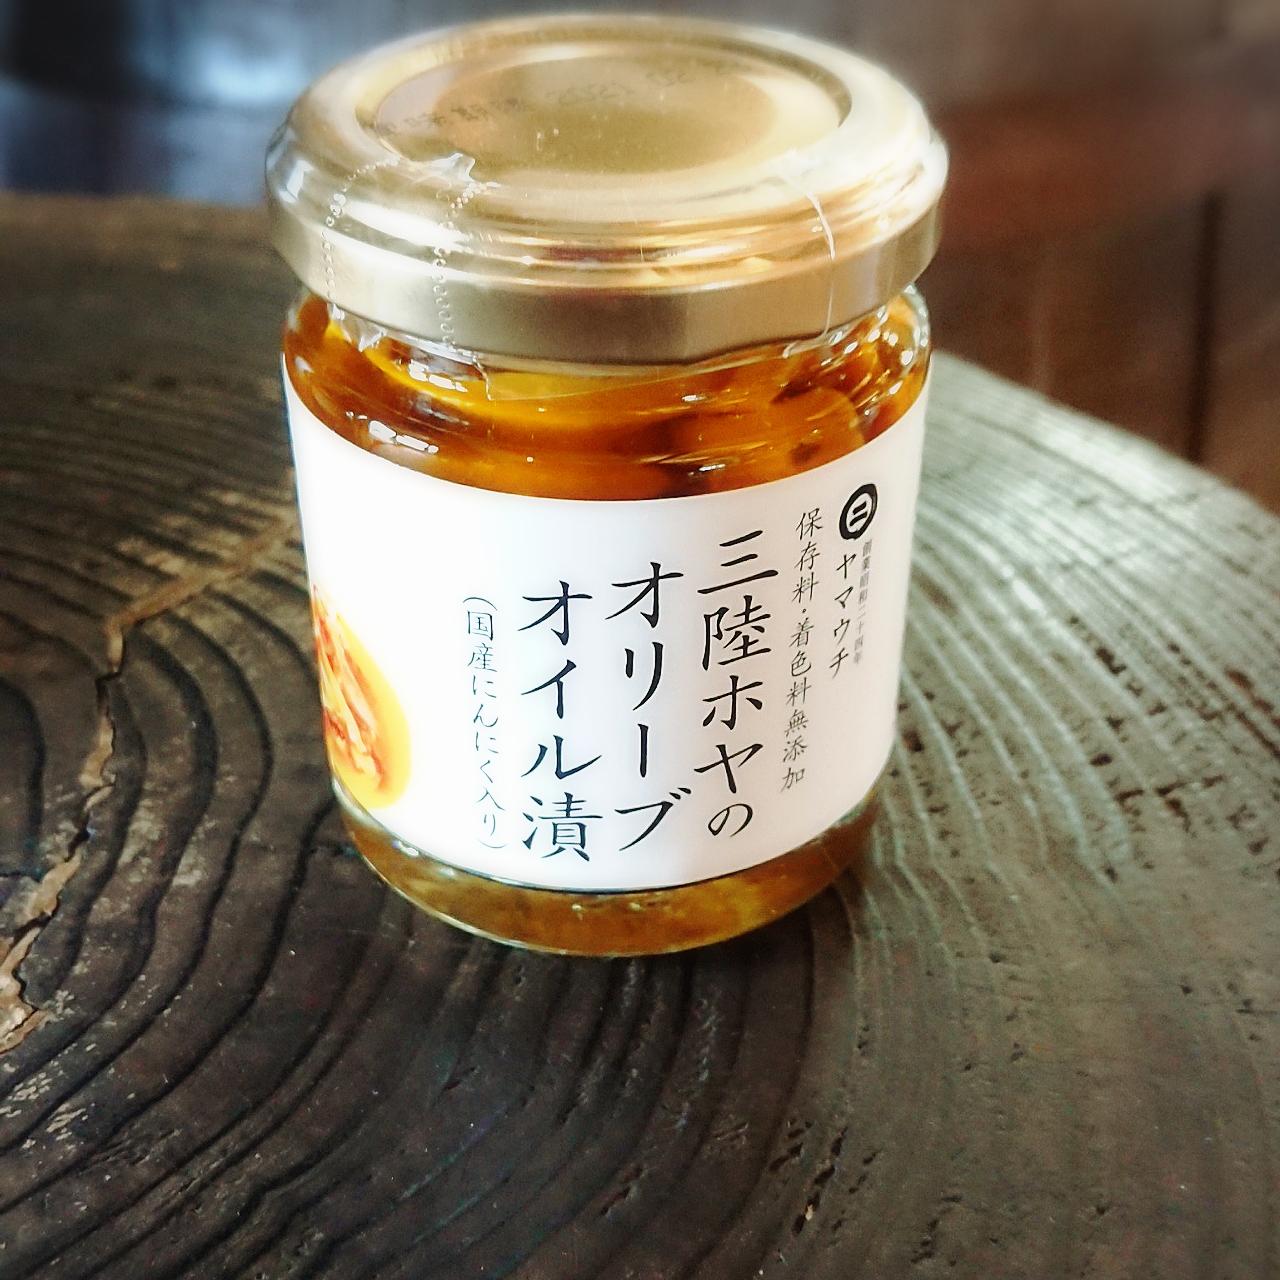 【珍味】南三陸ヤマウチ 三陸ホヤのオリーブオイル漬